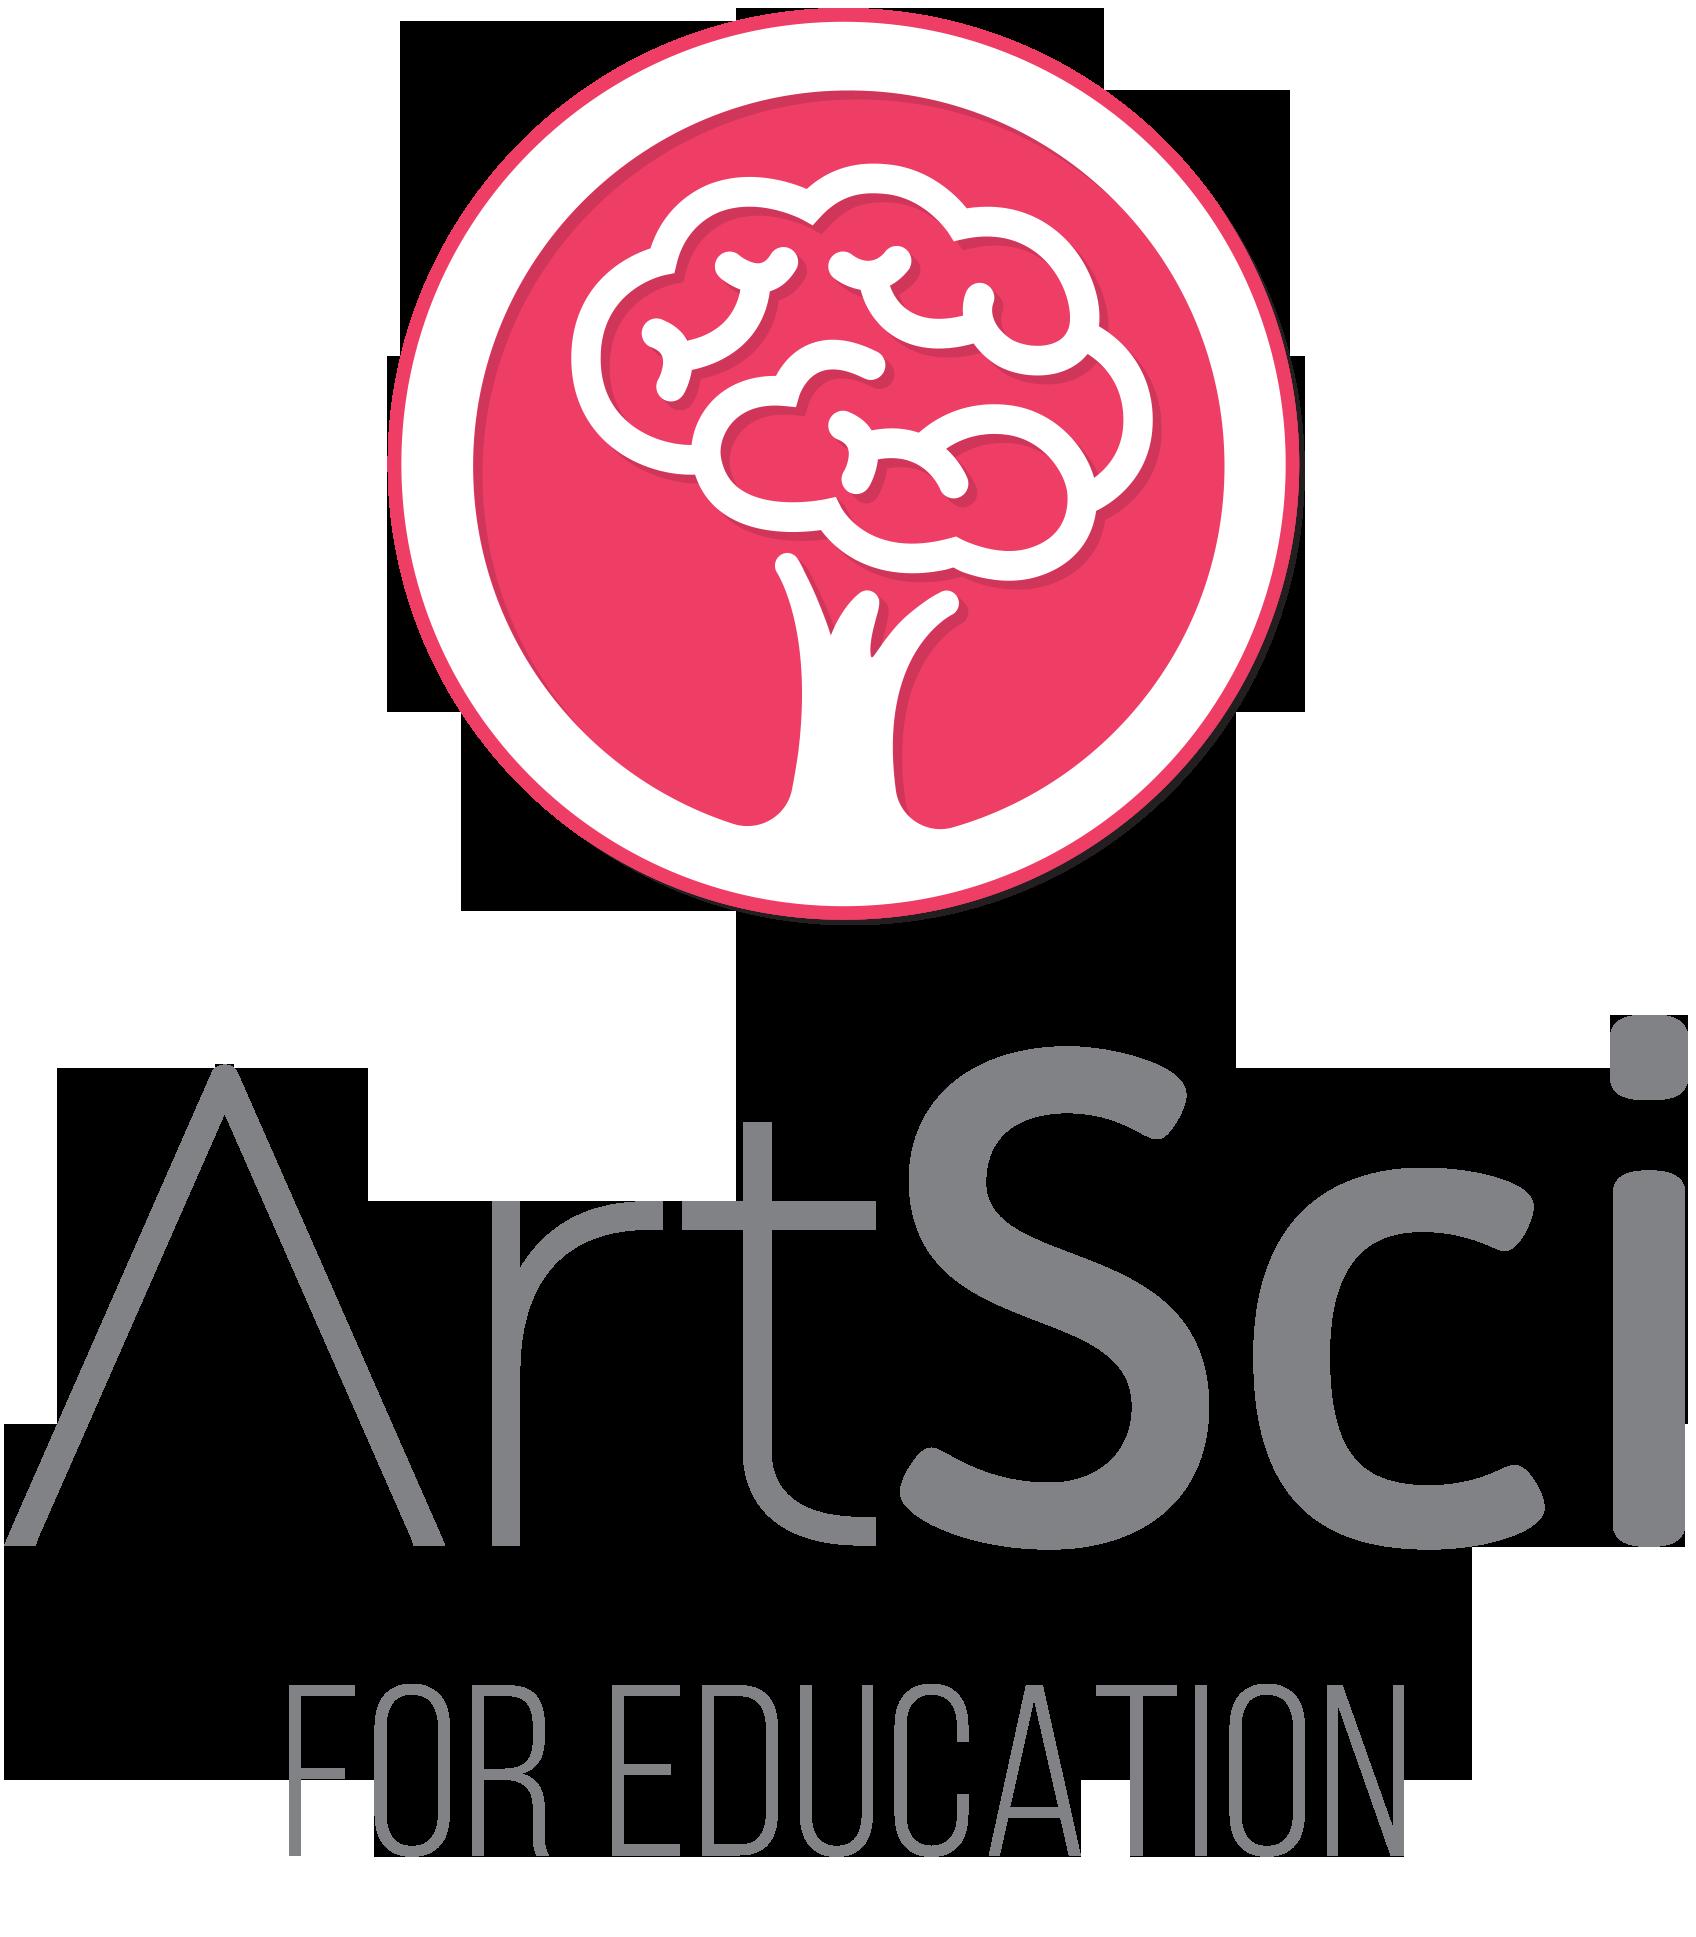 ArtSci